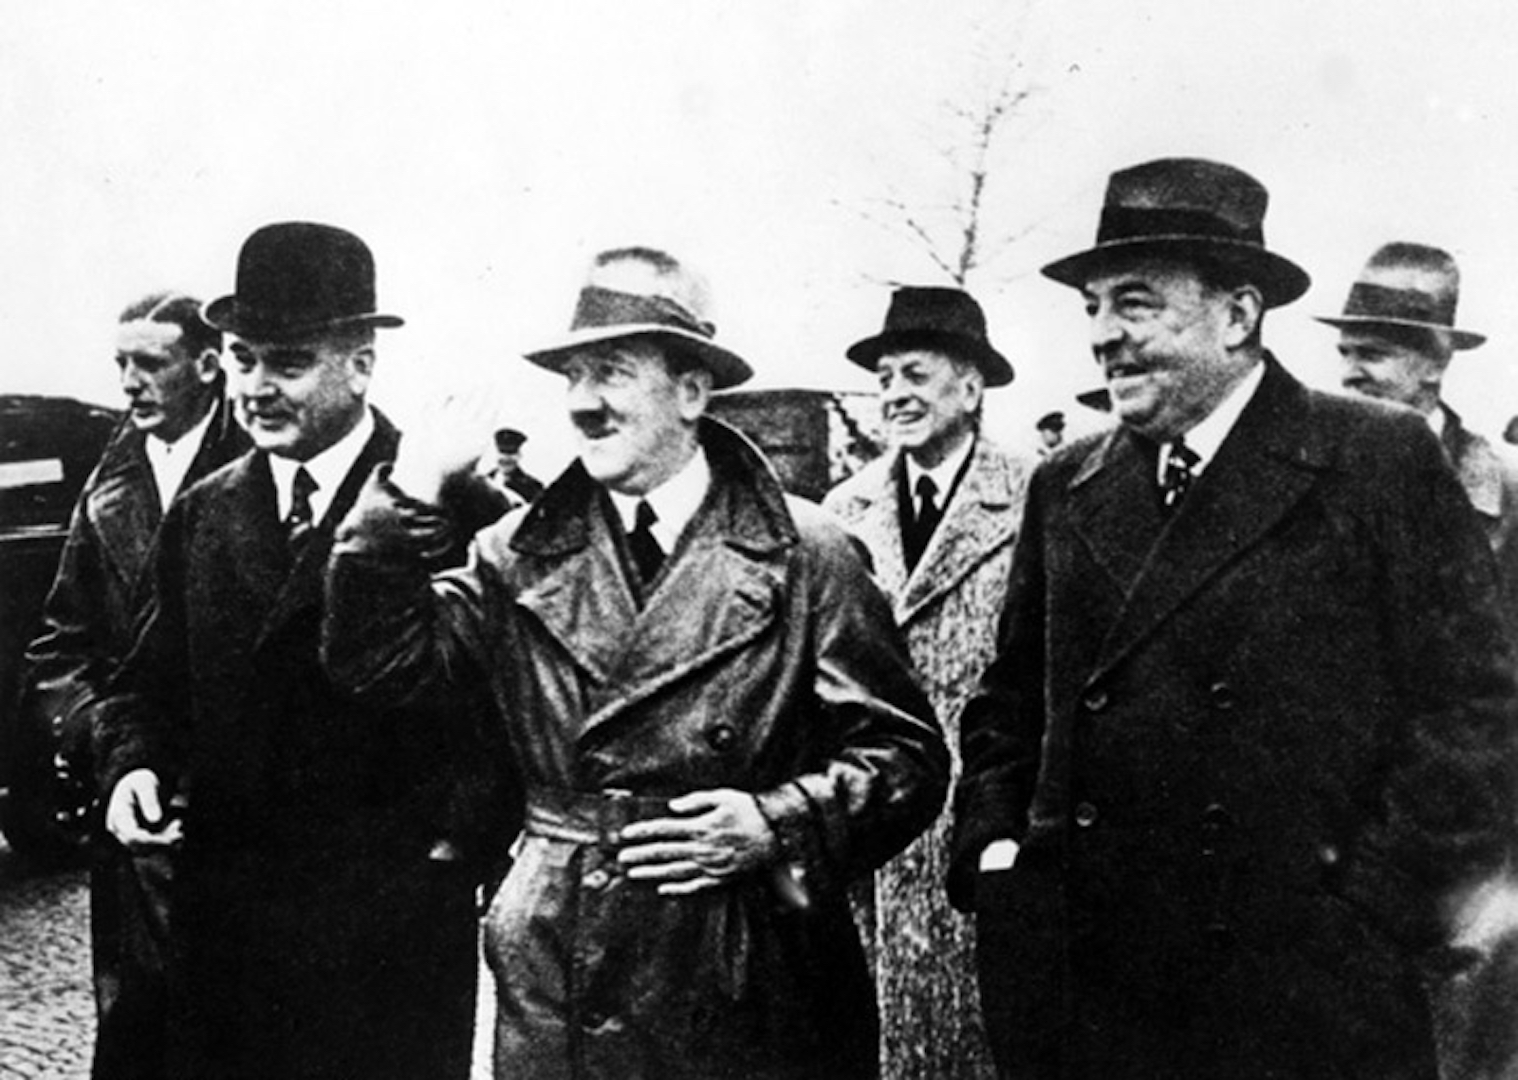 Resultado de imagen para hitler y empresarios 20 de febrero de 1933